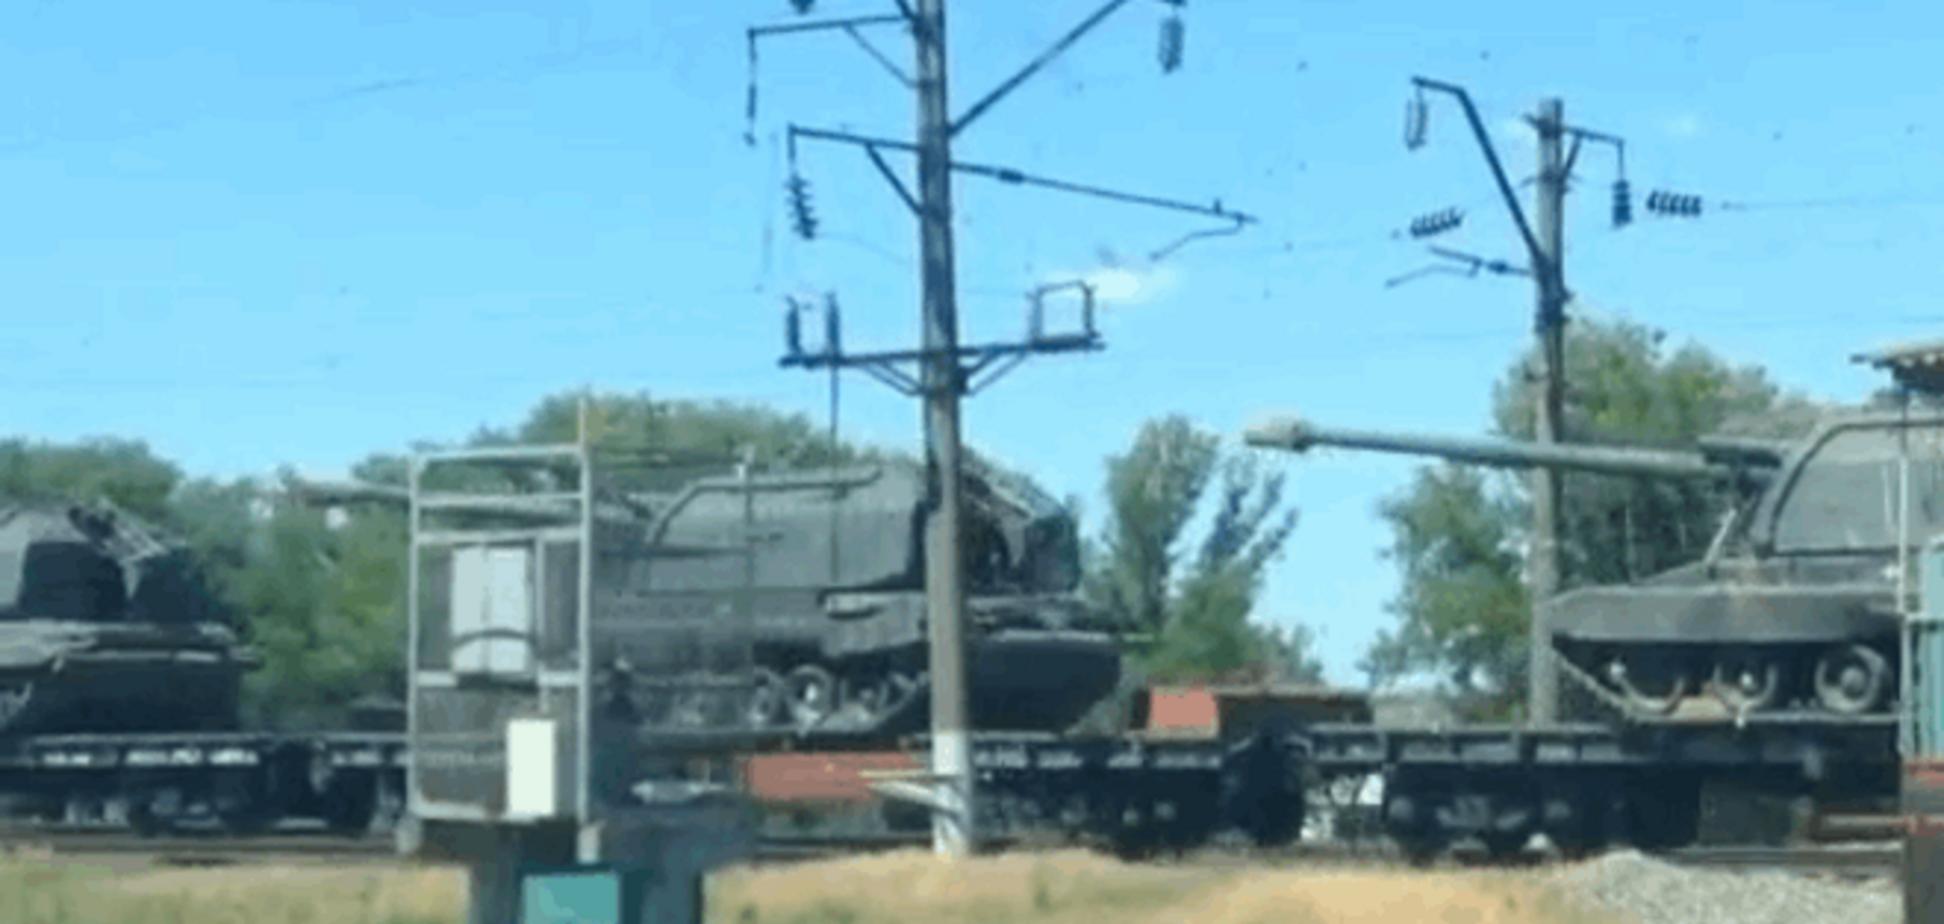 У границы Украины в Ростовской области зафиксирован эшелон с военной техникой: фото и видеофакты